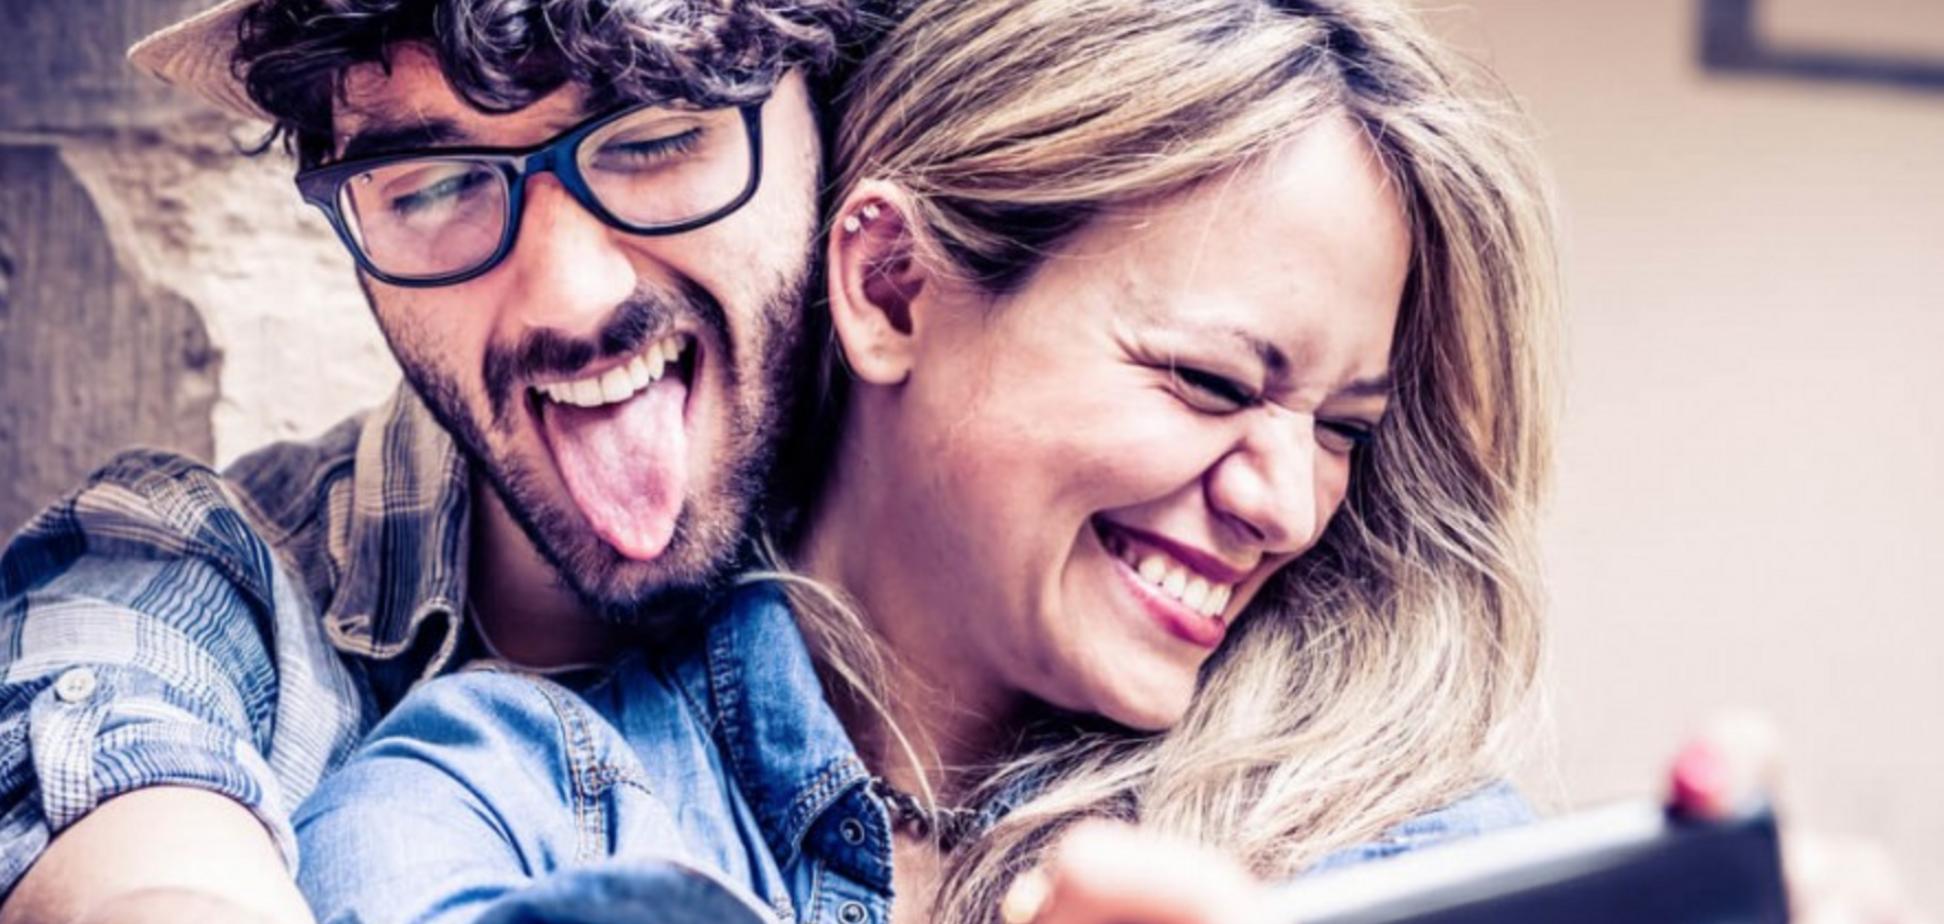 Как подшутить над парнем 1 апреля: лучшие розыгрыши на День смеха